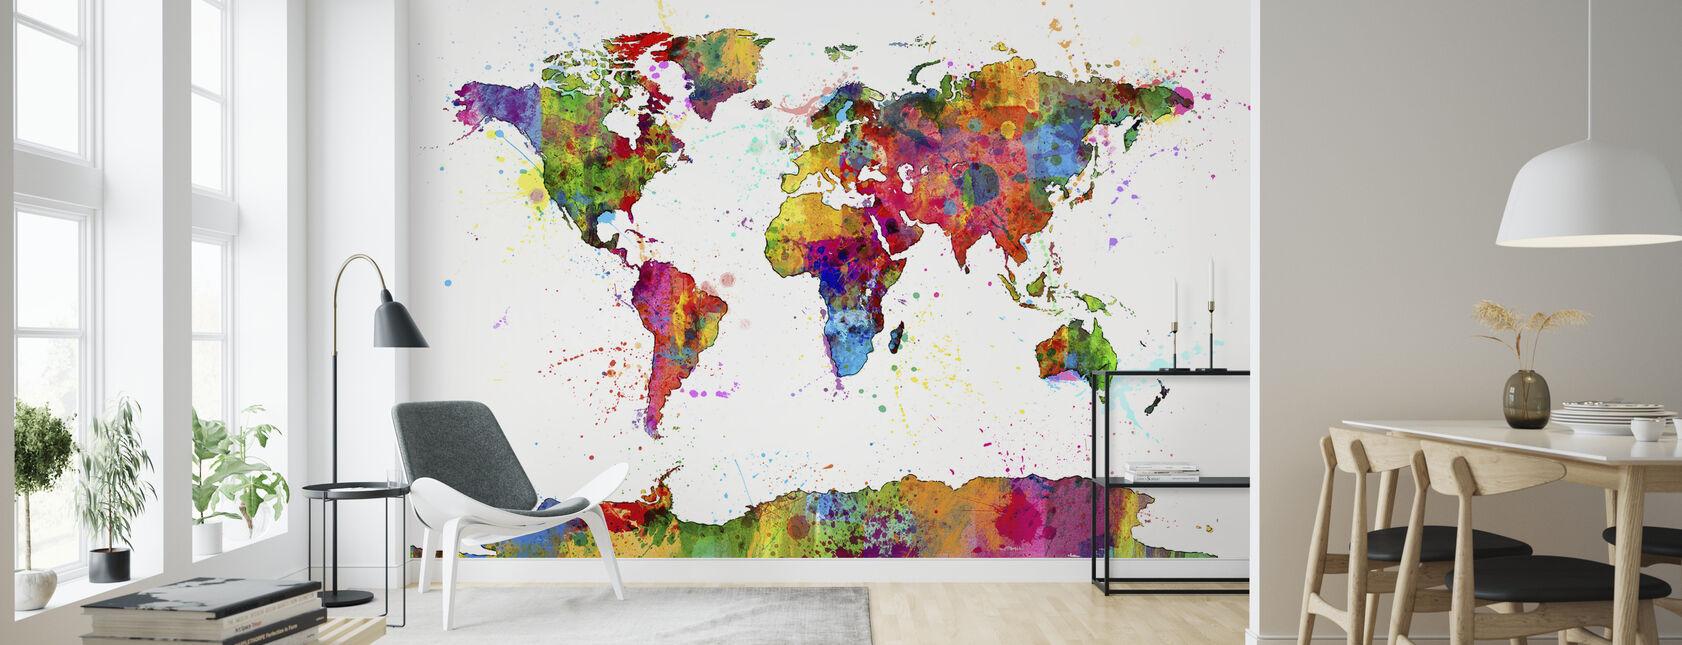 Paint Splashes Map 2 - Wallpaper - Living Room